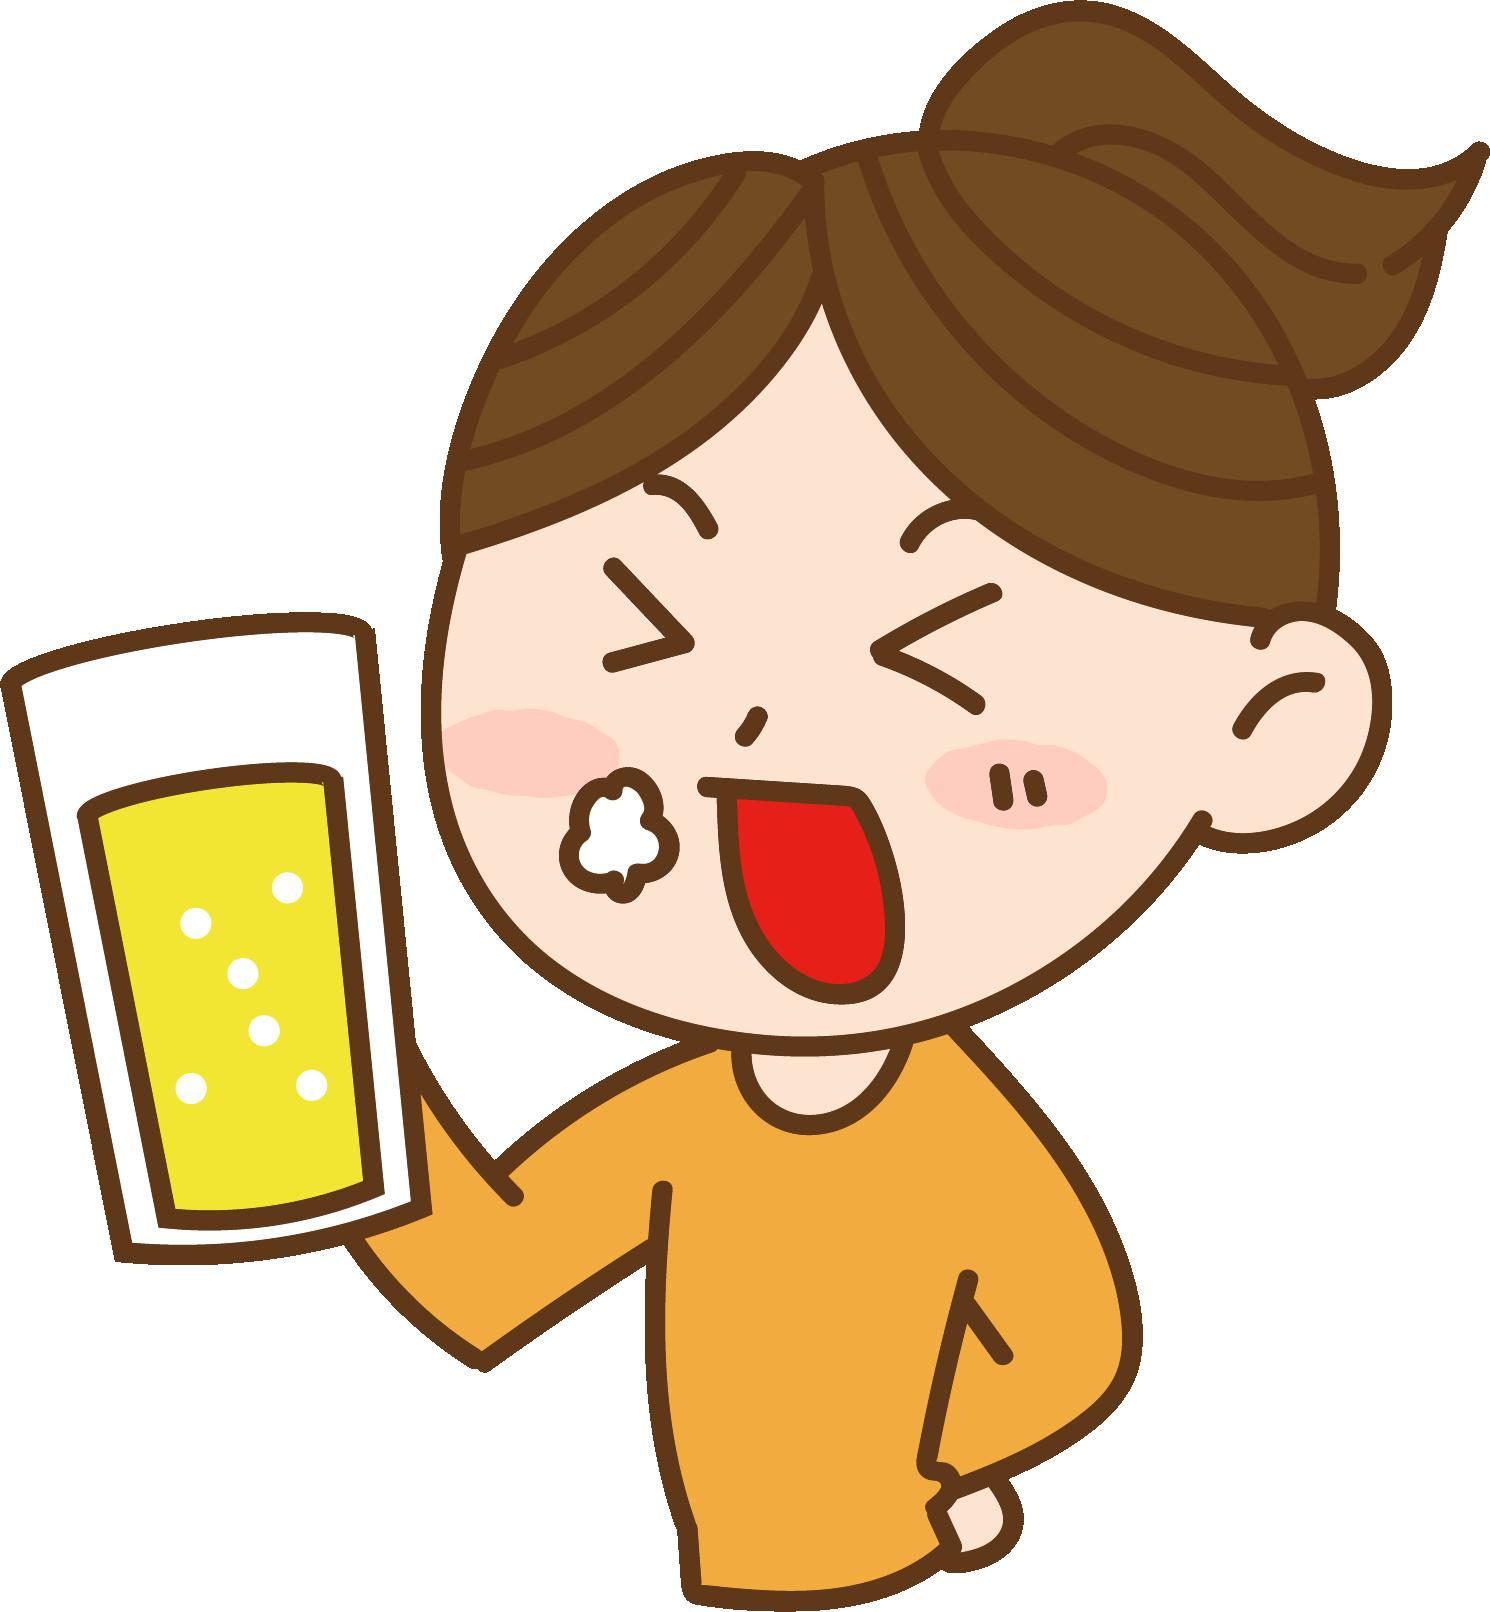 飲酒中は、プロトピック外用薬により目の周りの発赤が誘発されやすいかもしれない